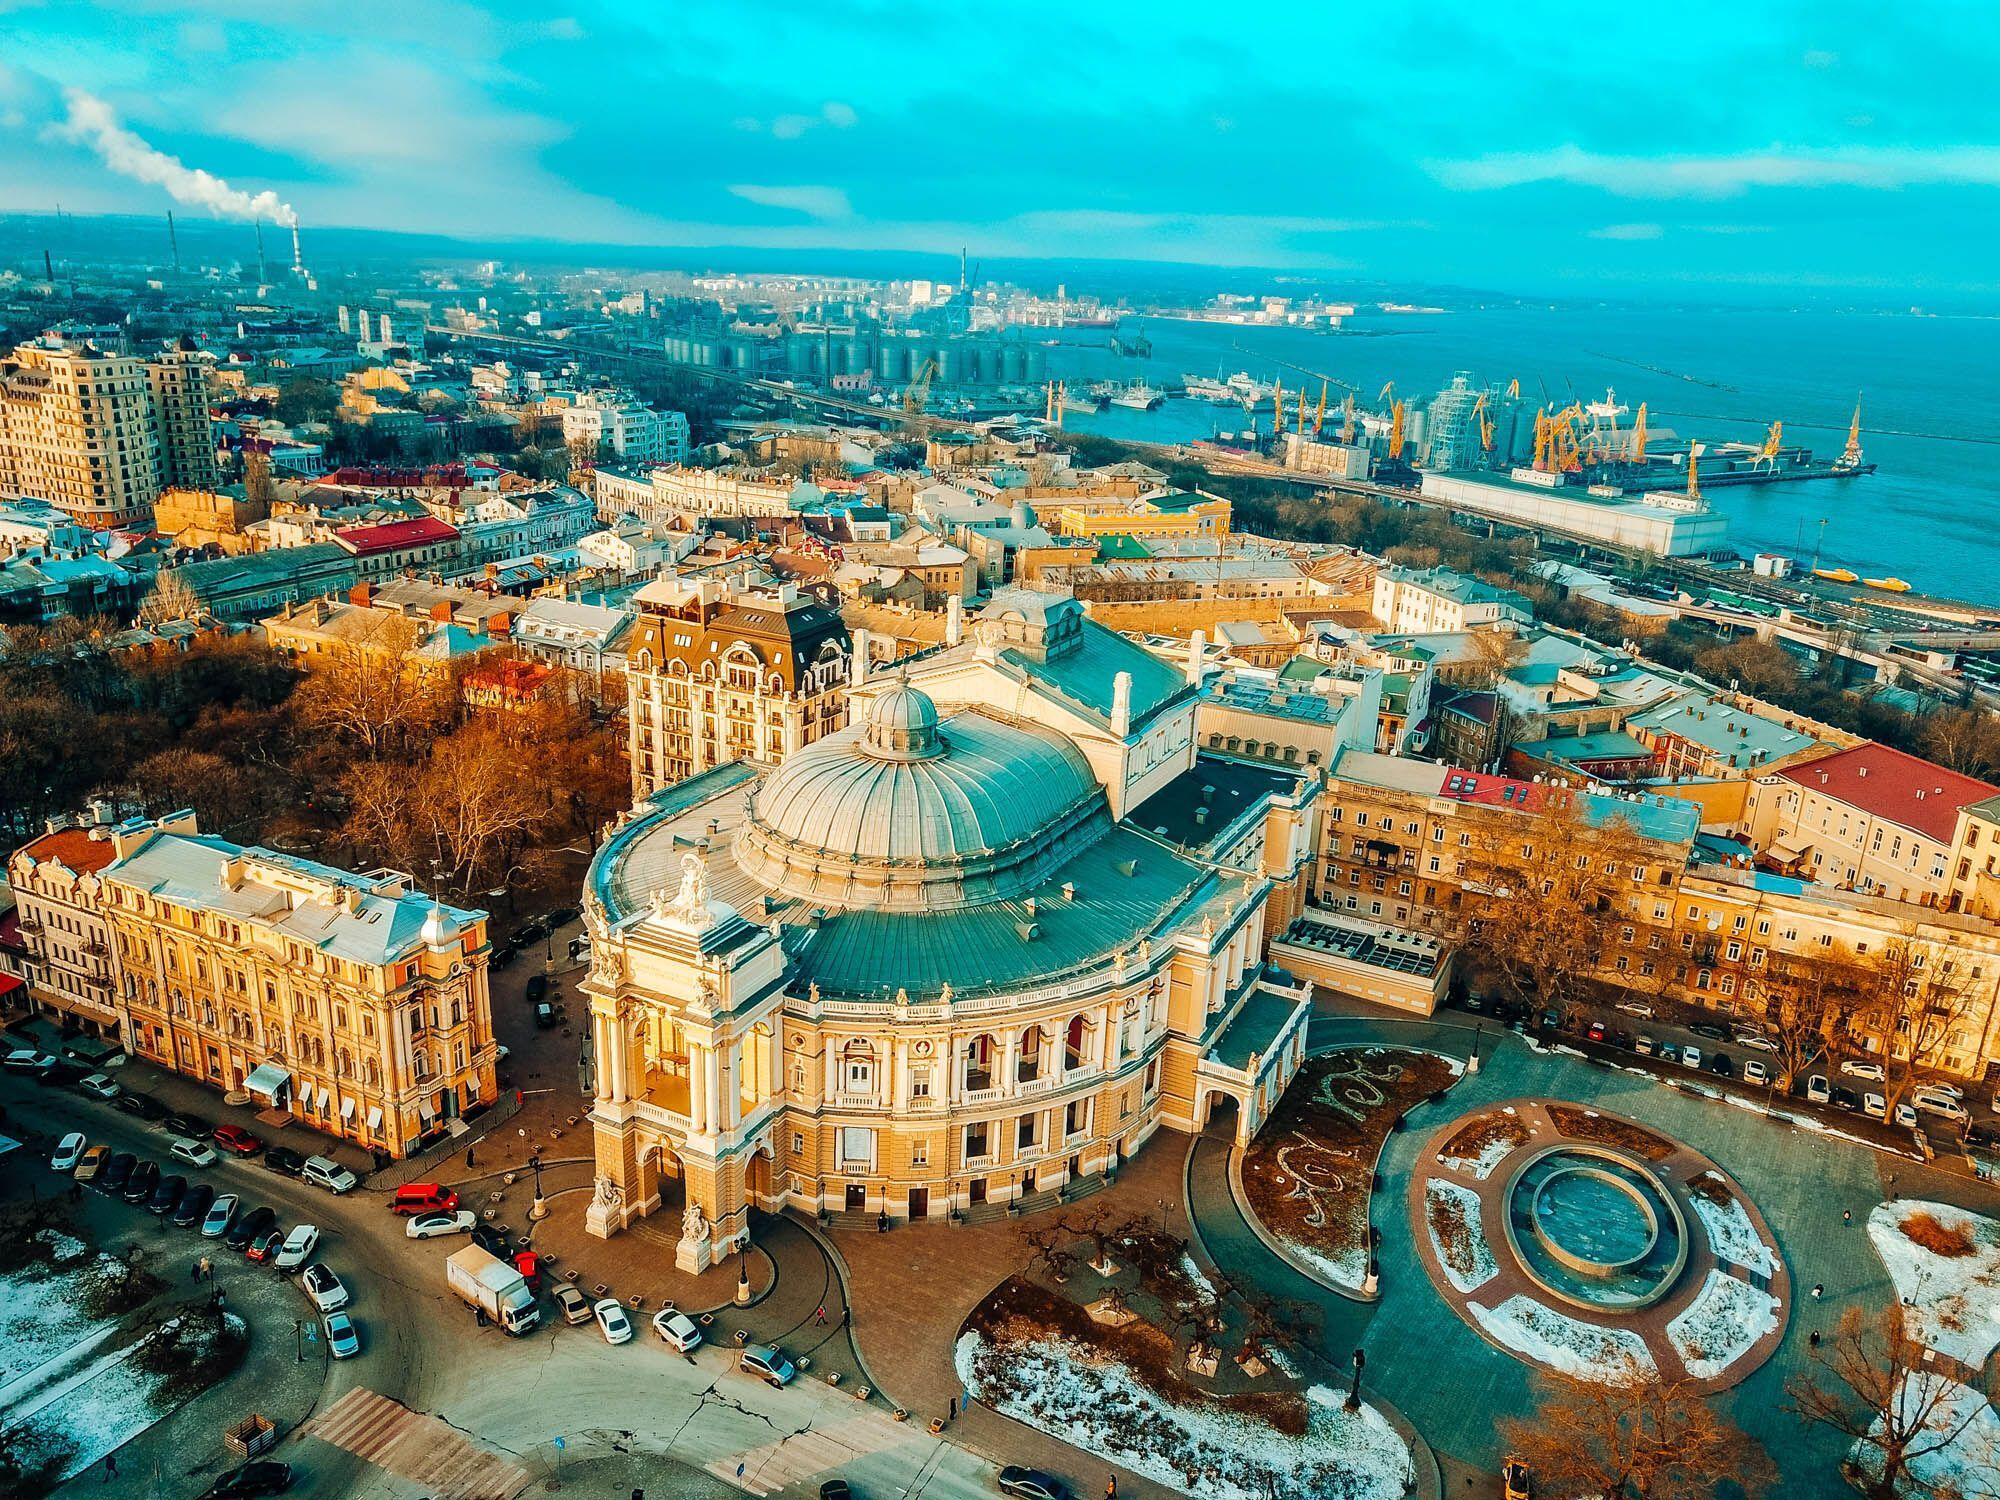 Одессу неспроста называют жемчужиной Черного моря